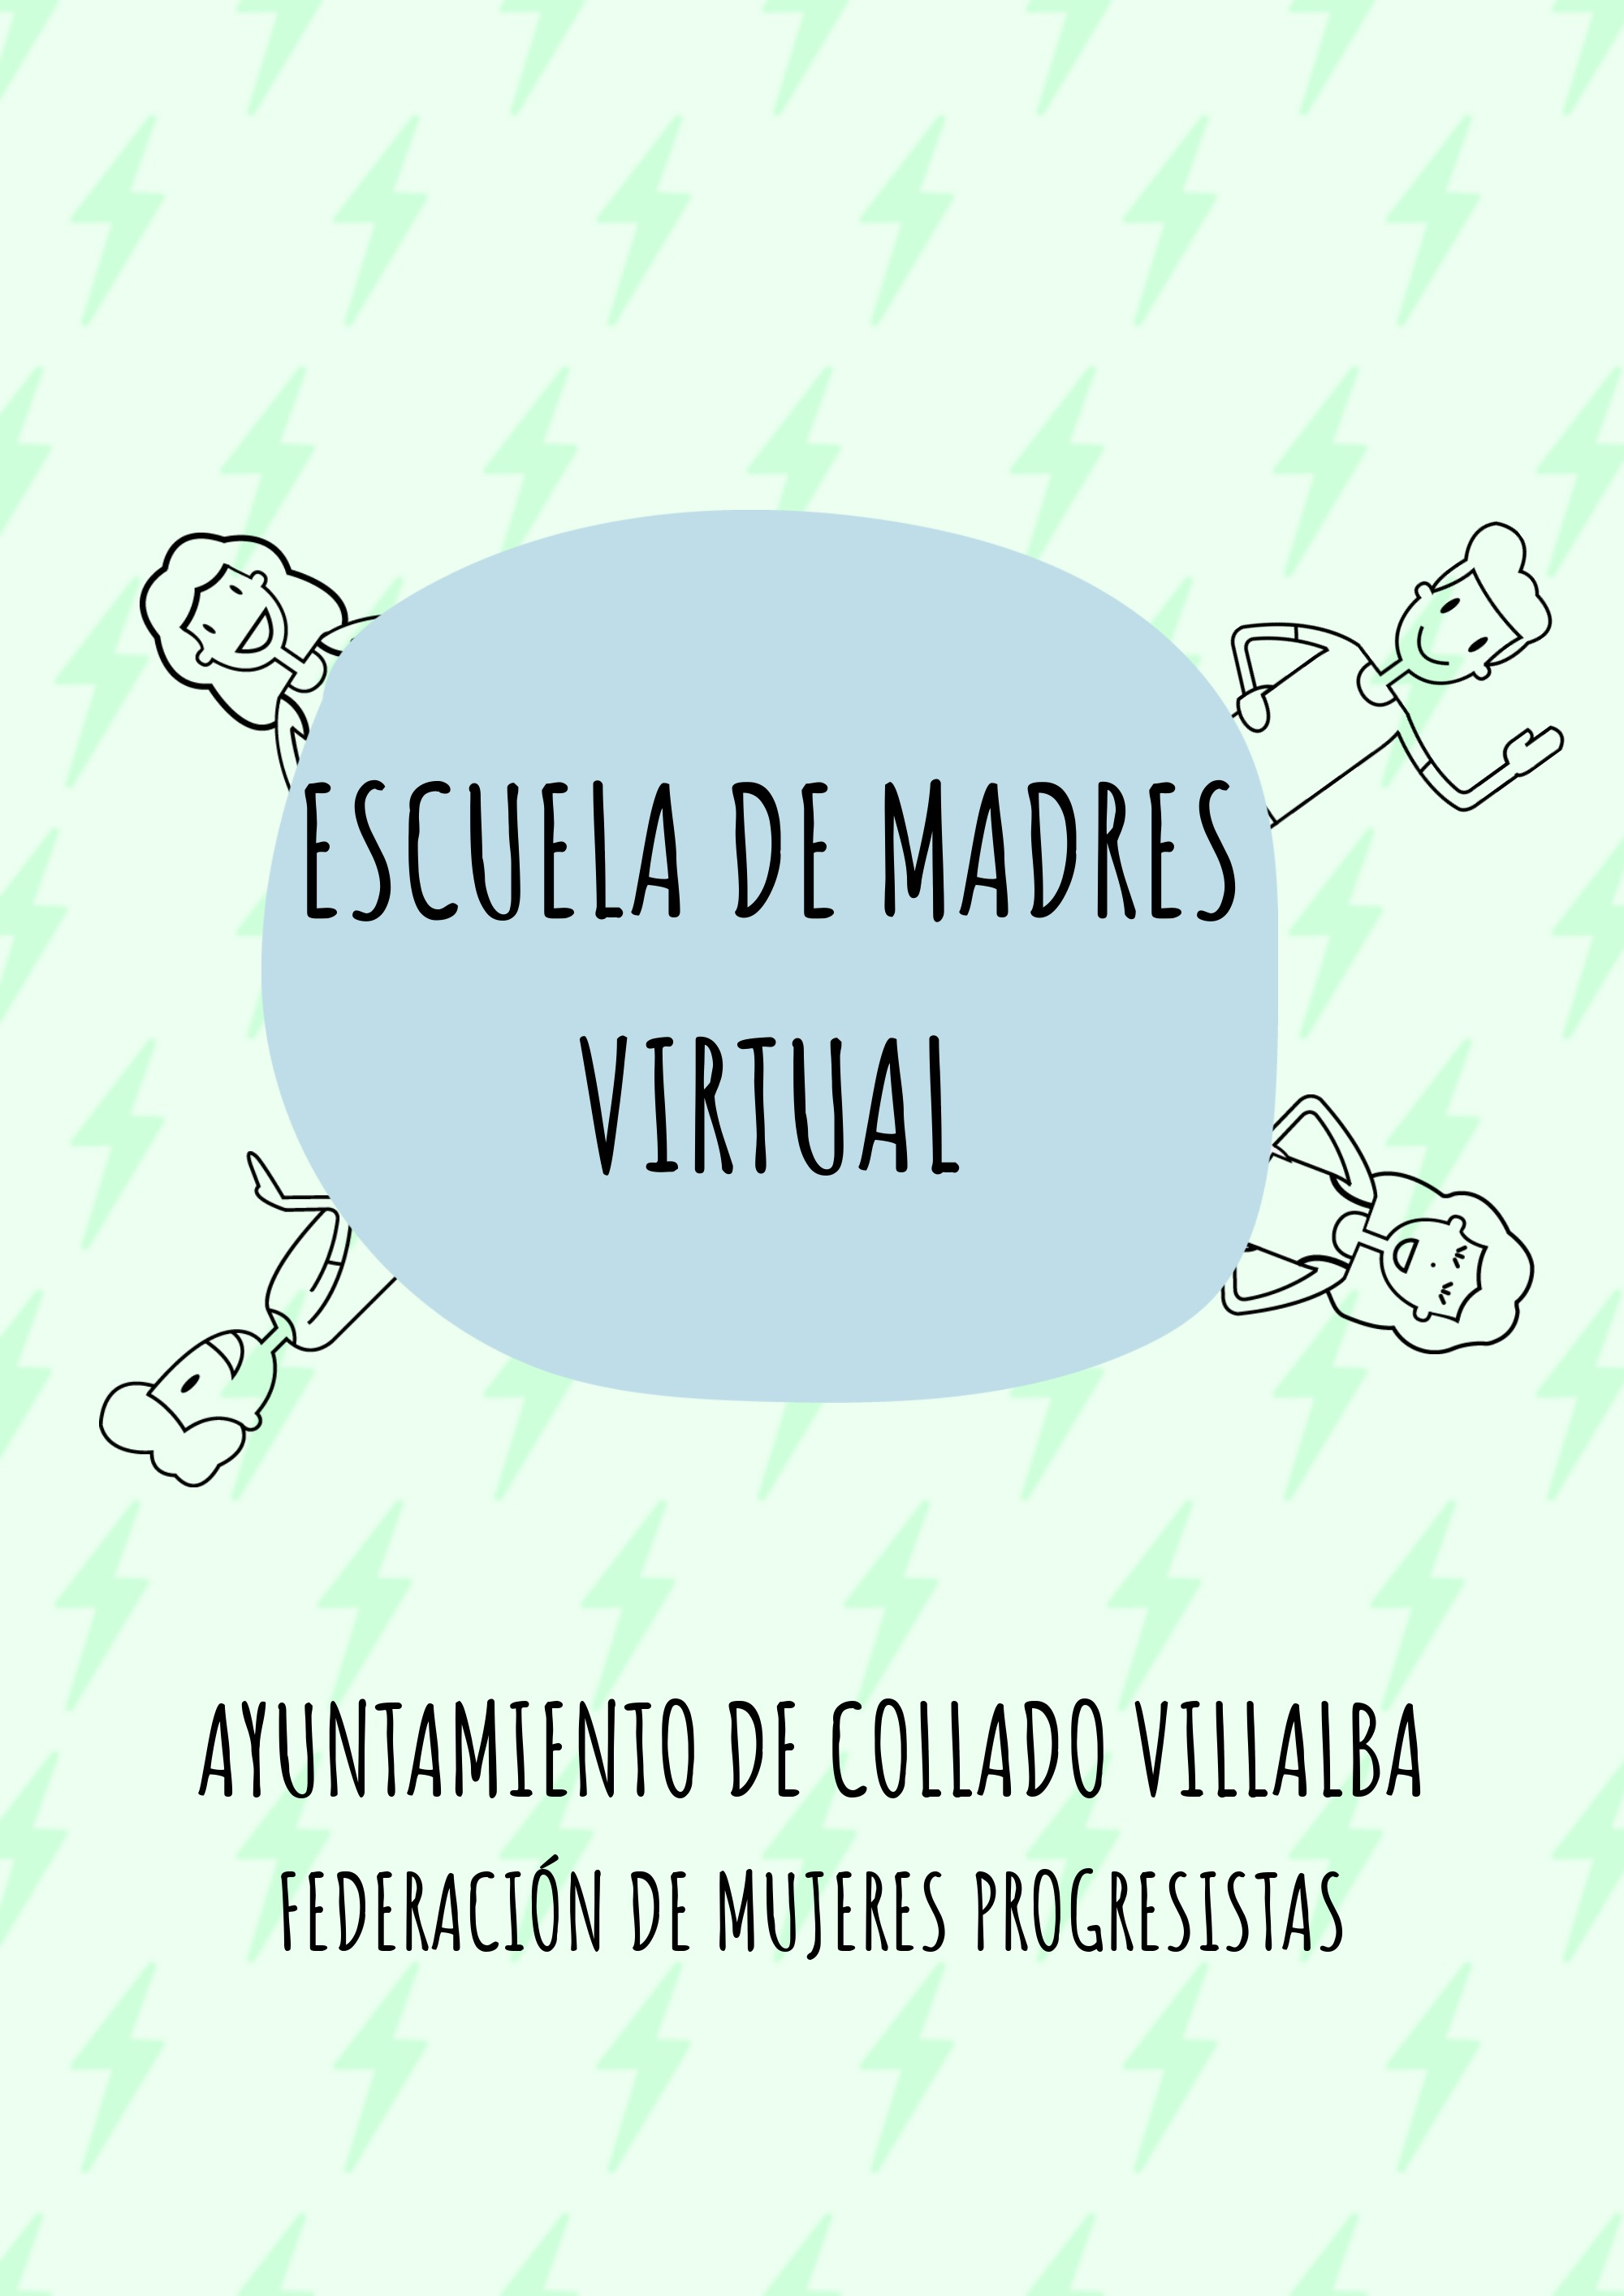 Course Image Escuela de madres Collado Villalba